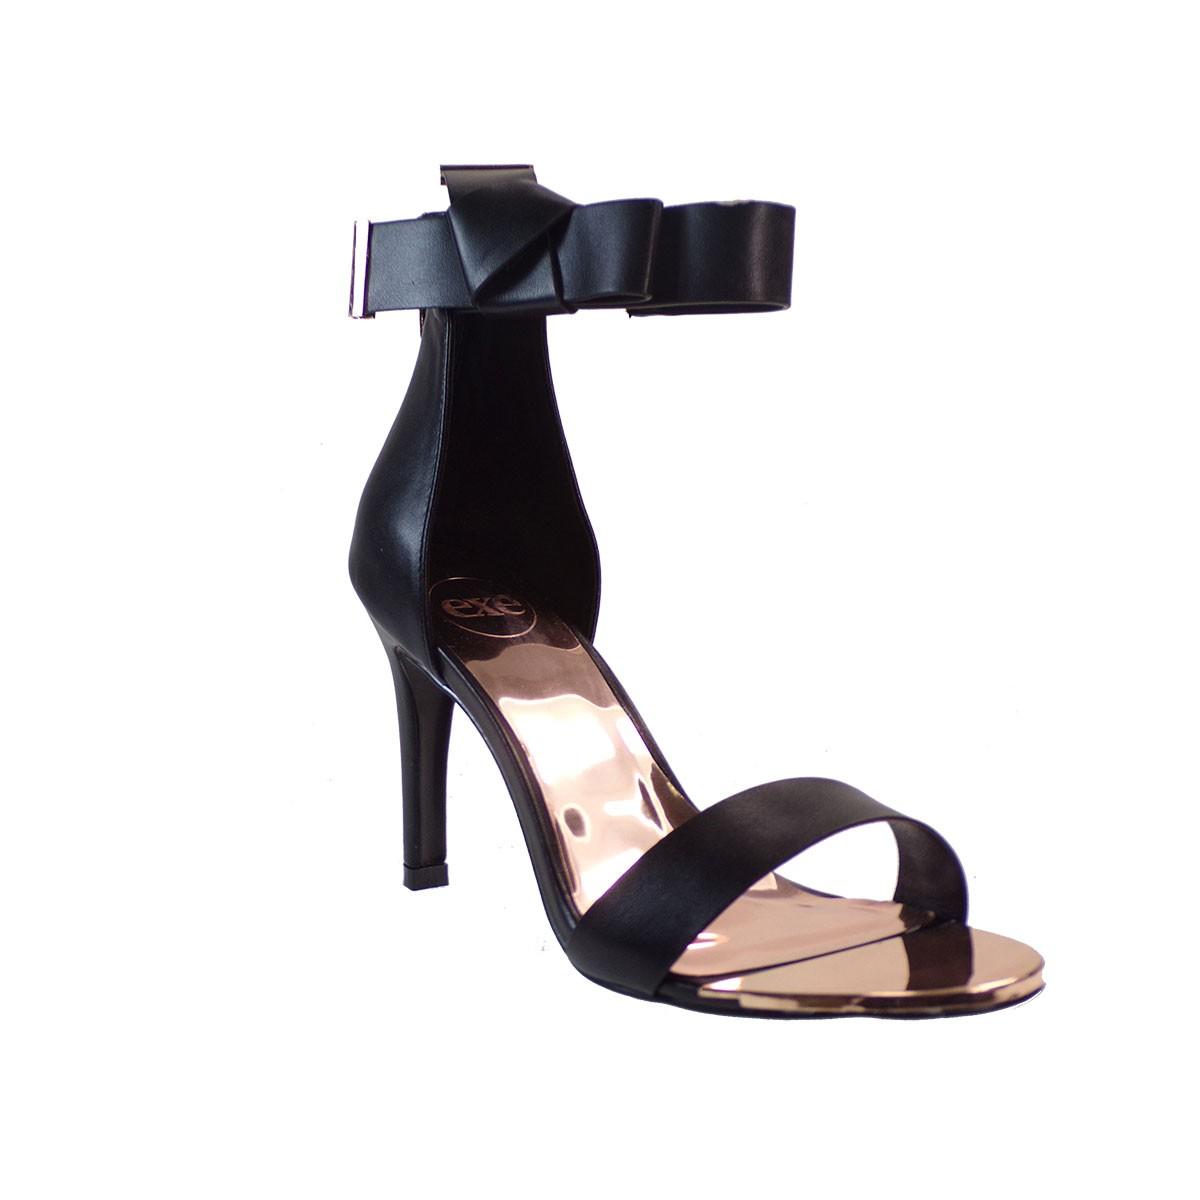 1ea40f03c71 EXE Shoes Πέδιλα Γυναικεία REBECA-442 Μαύρο T4700442500105 ...